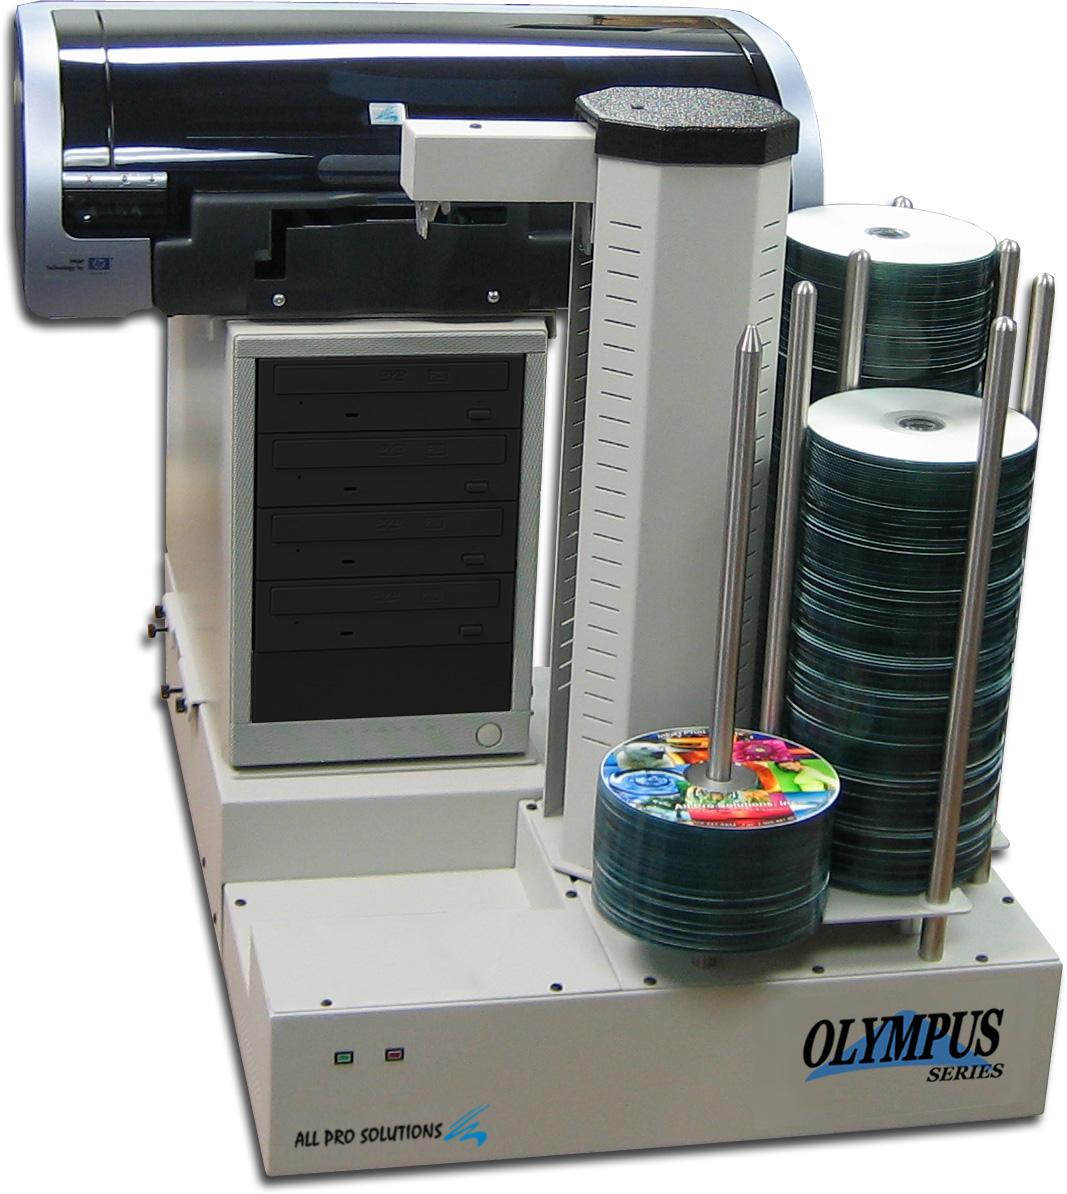 Olympus-4H